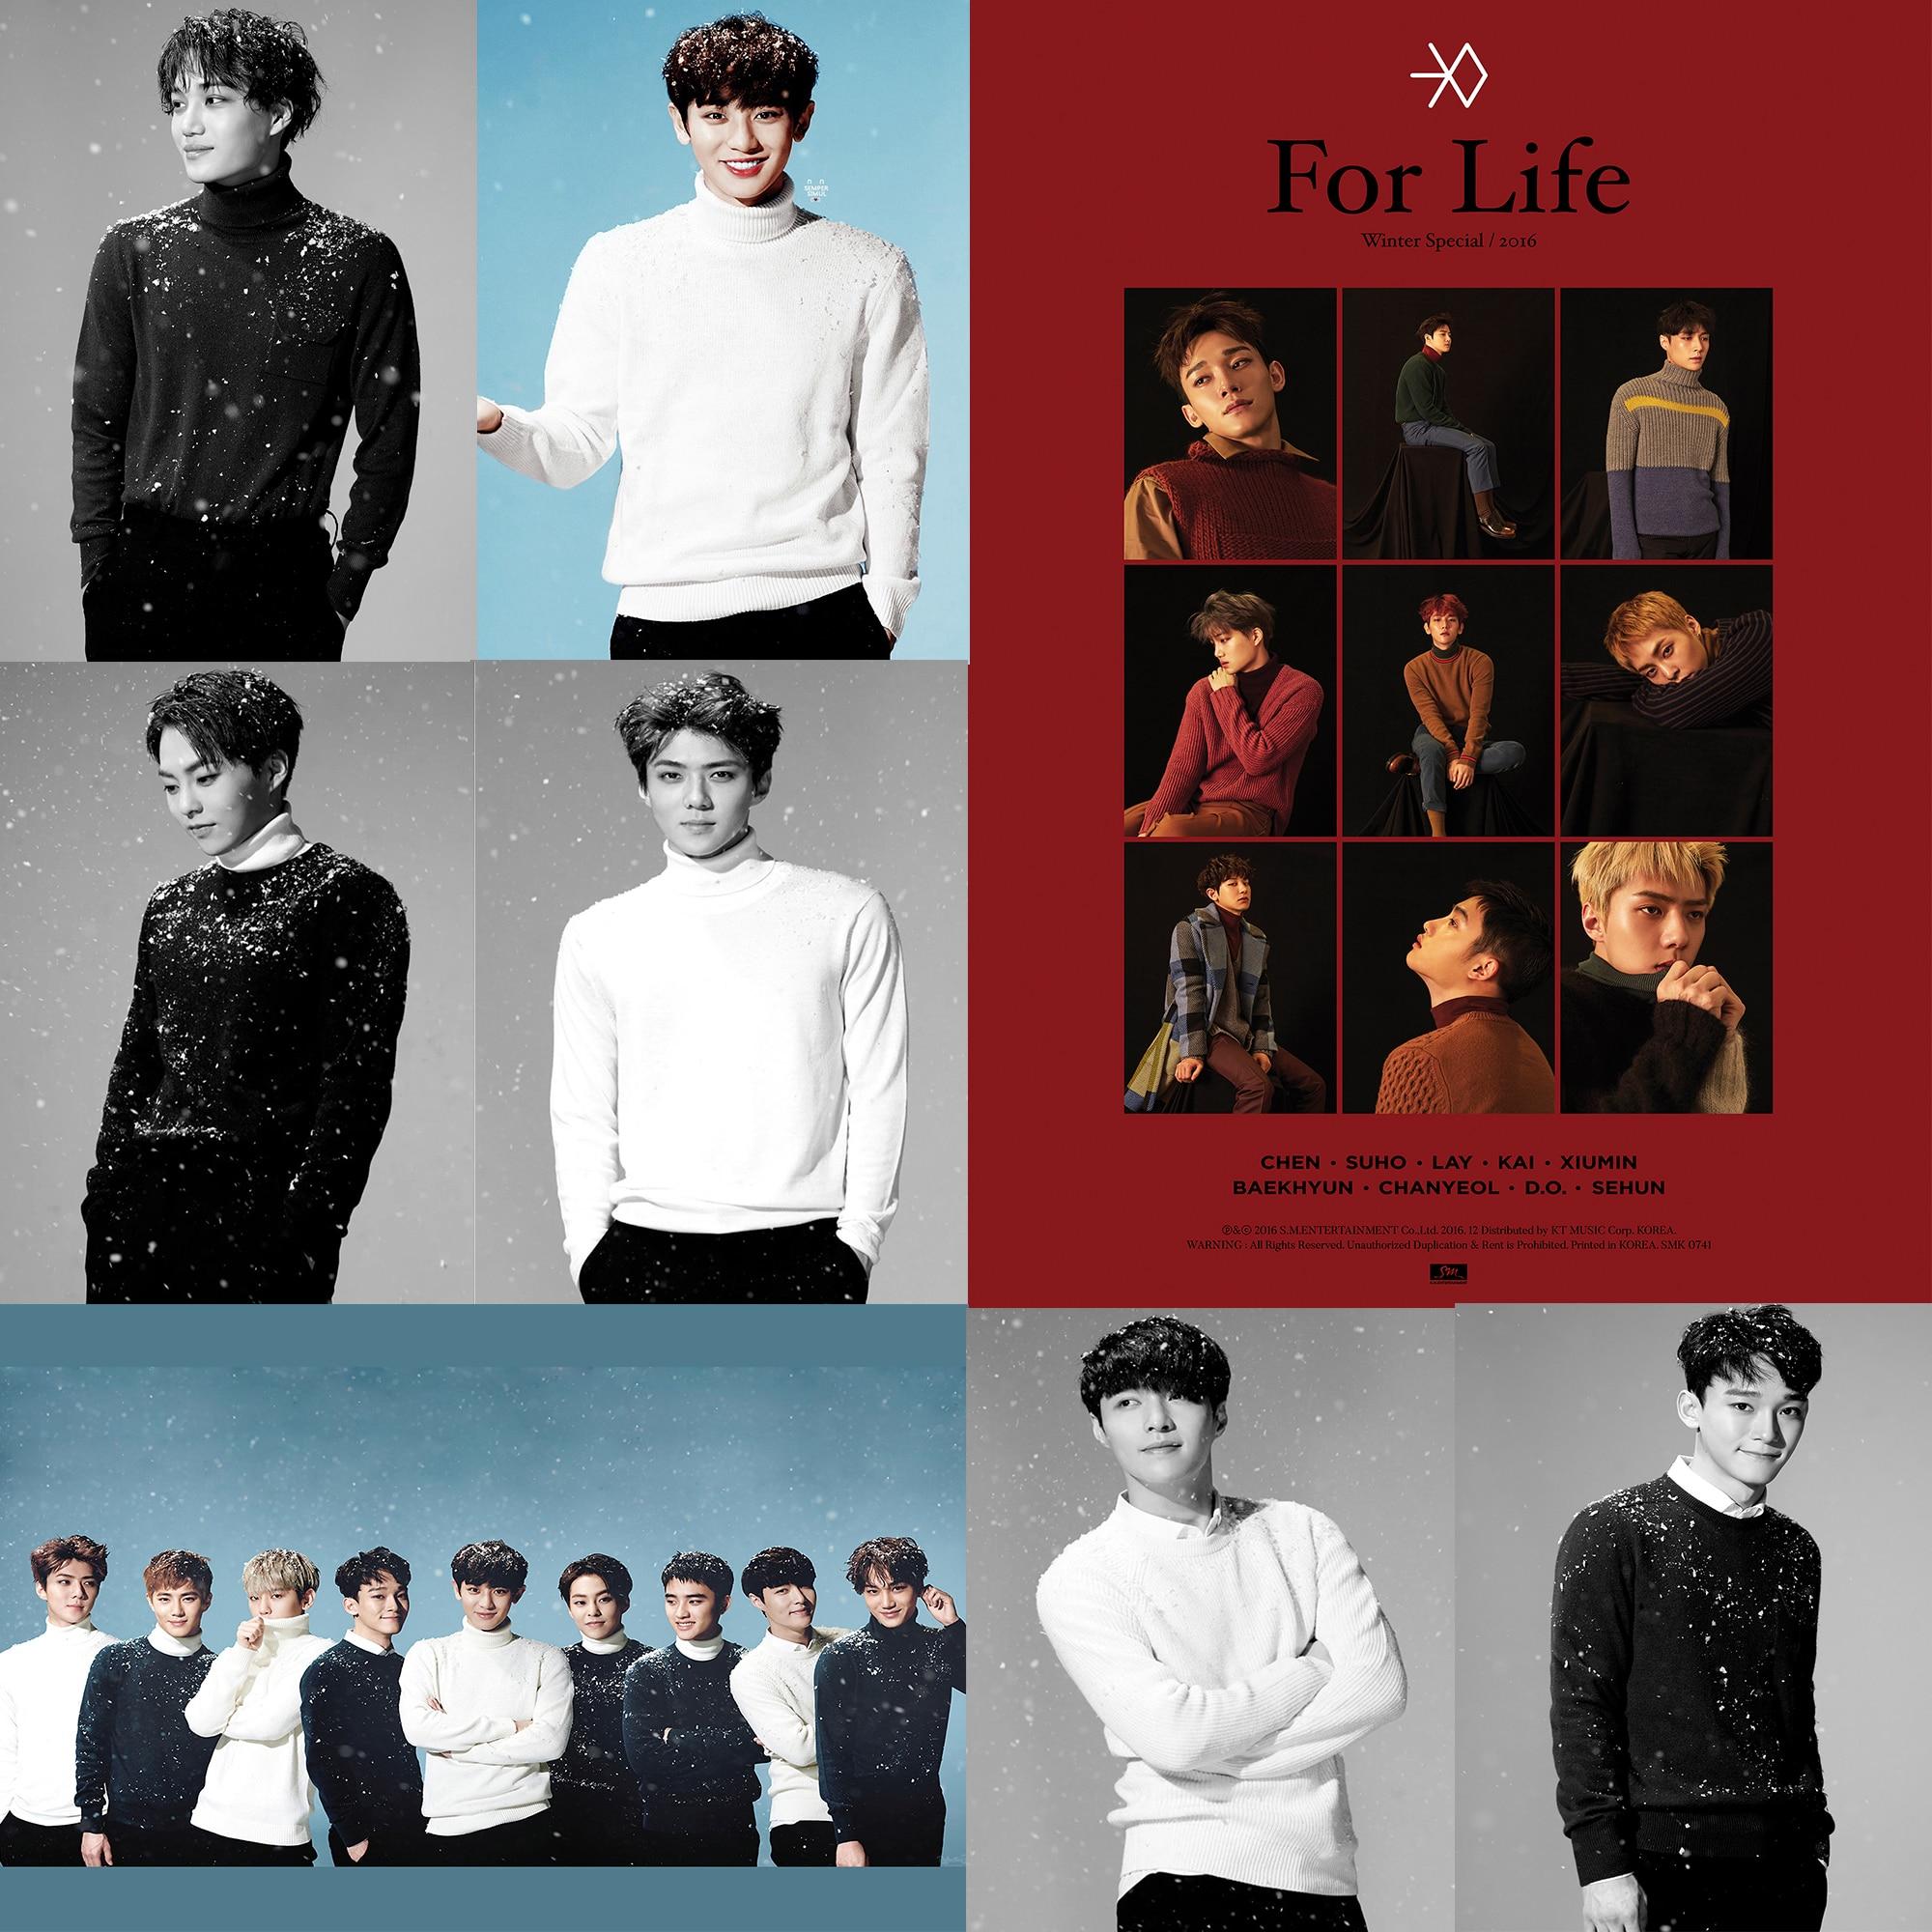 34 Baekhyun Photo Card K-POP Exo-K Winter Album Sing For You Korean Ver